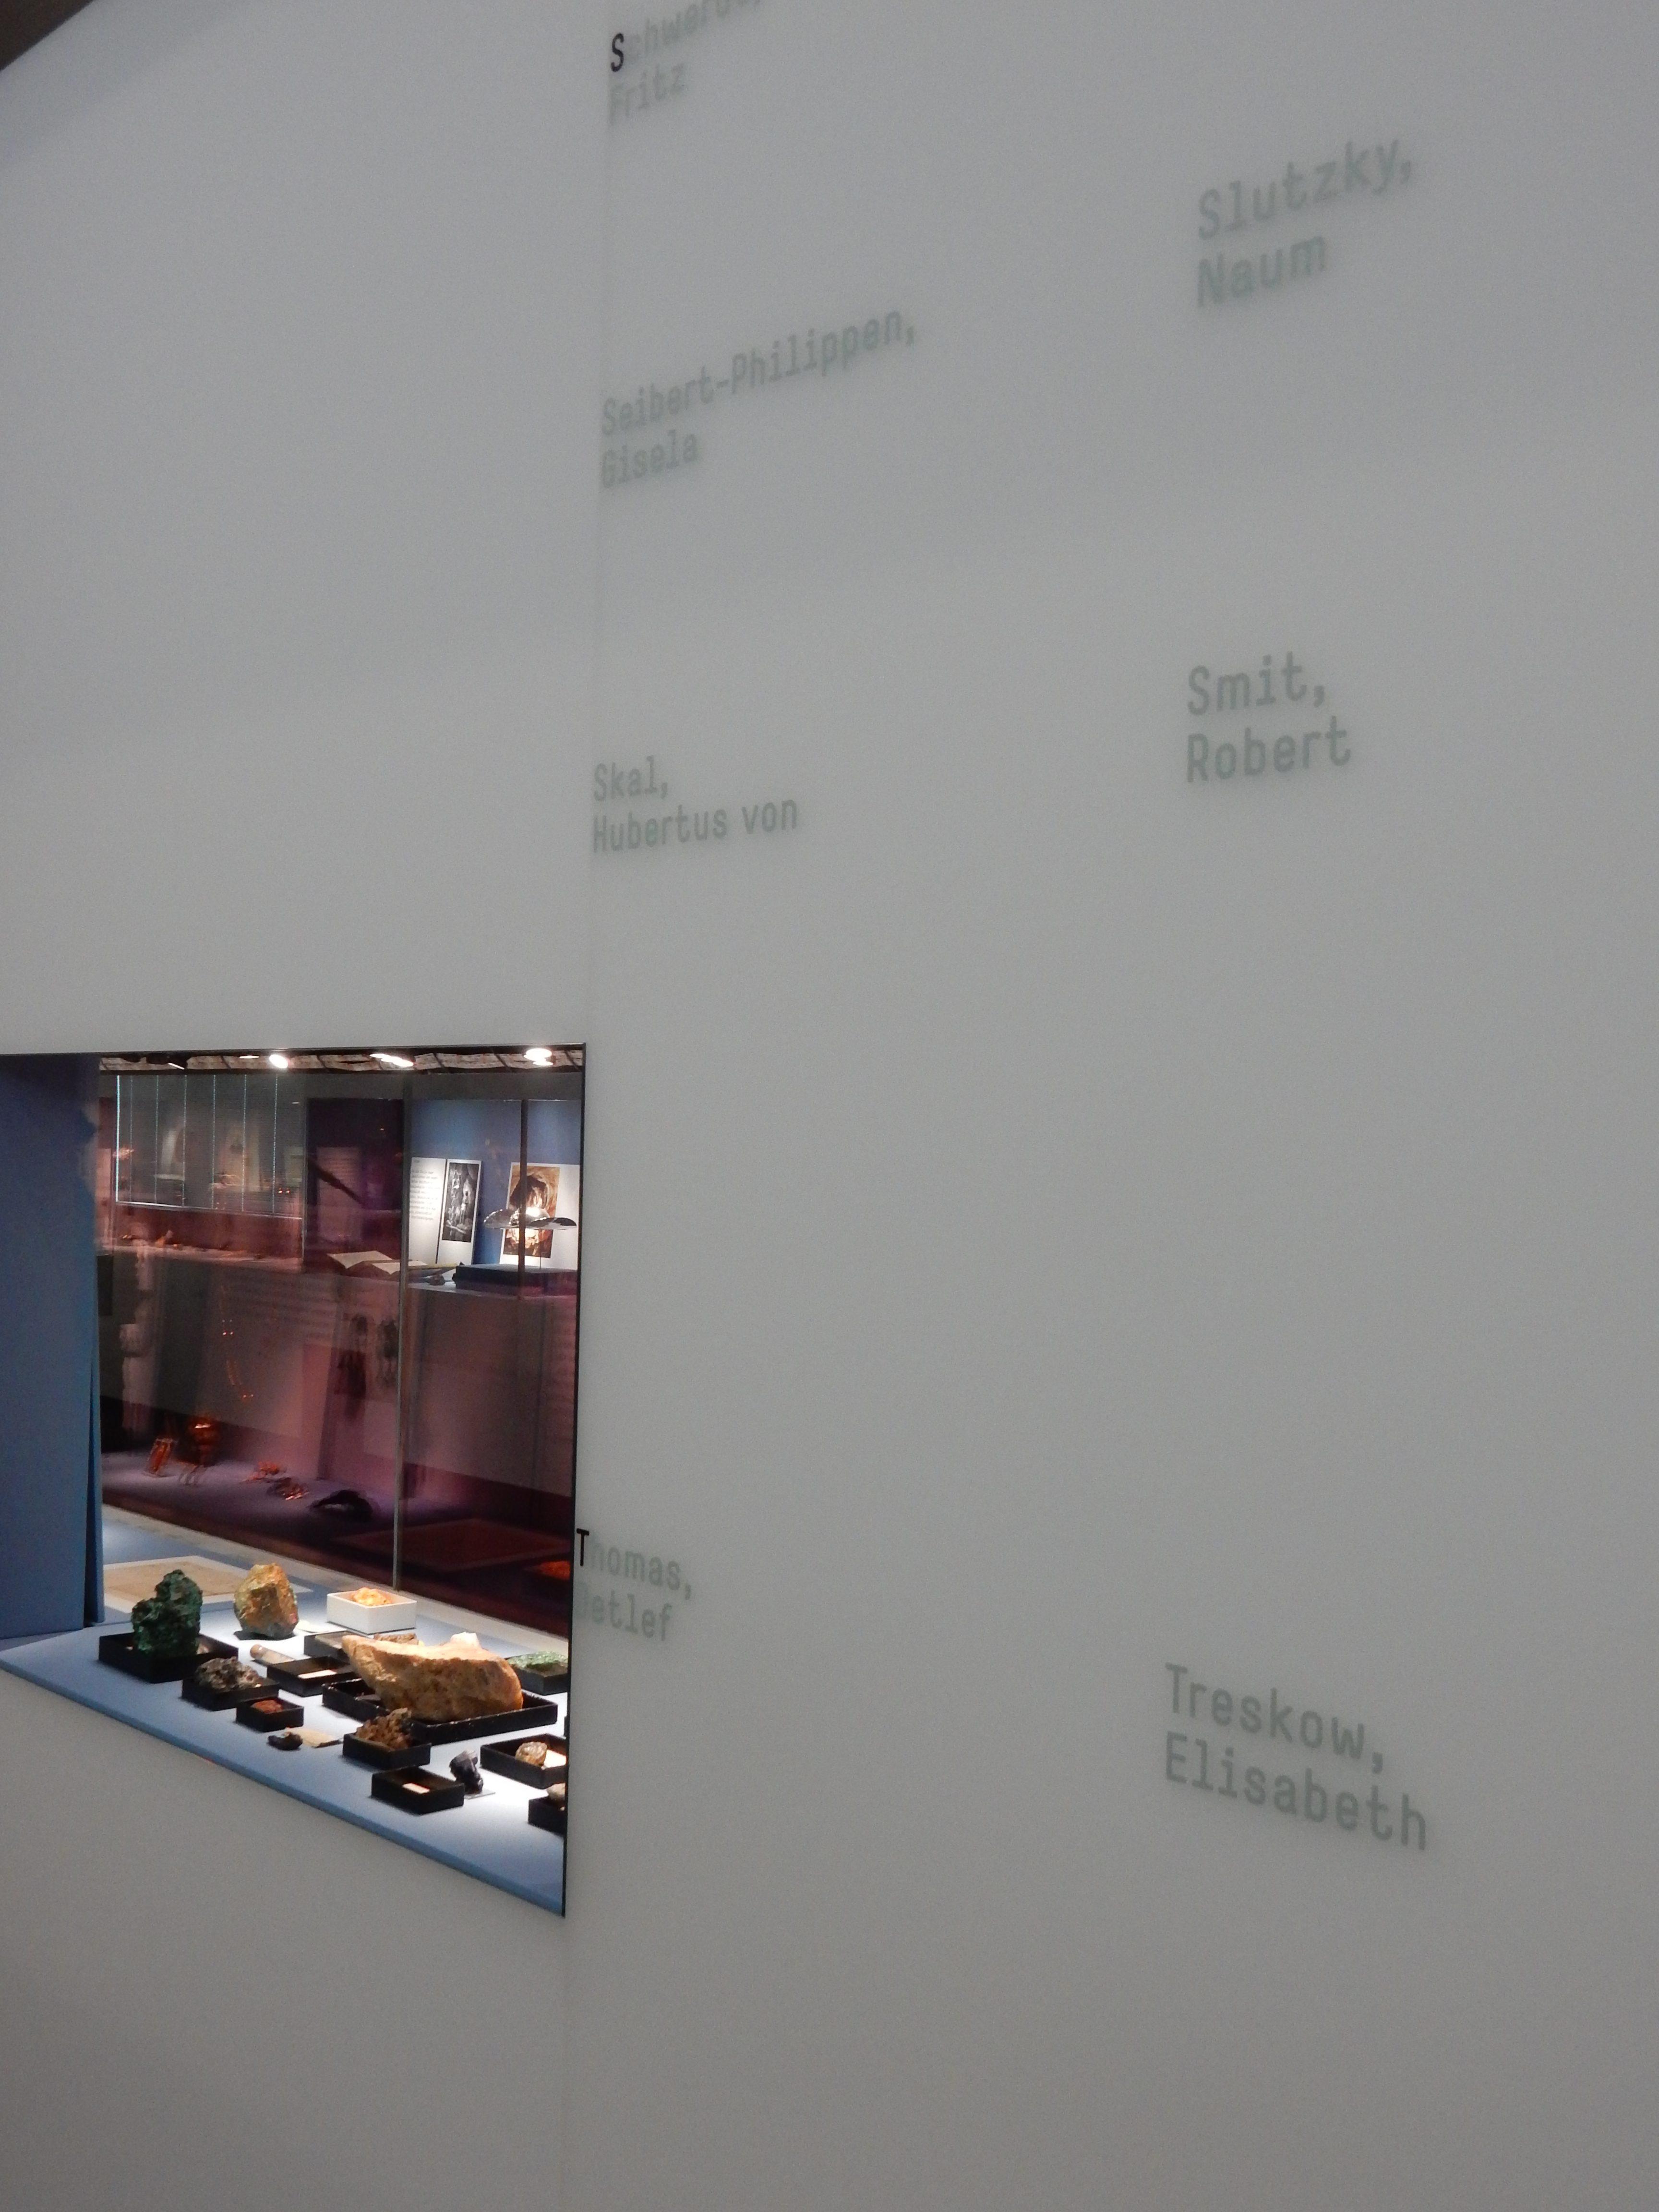 Schmuckmuseum Pforzheim, Wand met namen van sieraadontwerpers, 11 mei 2019. Foto Coert Peter Krabbe, interieur, Hubertus von Skal, Thomas Detlef, Naum Slutzky, Robert Smit, Elisabeth Treskow, vitrine